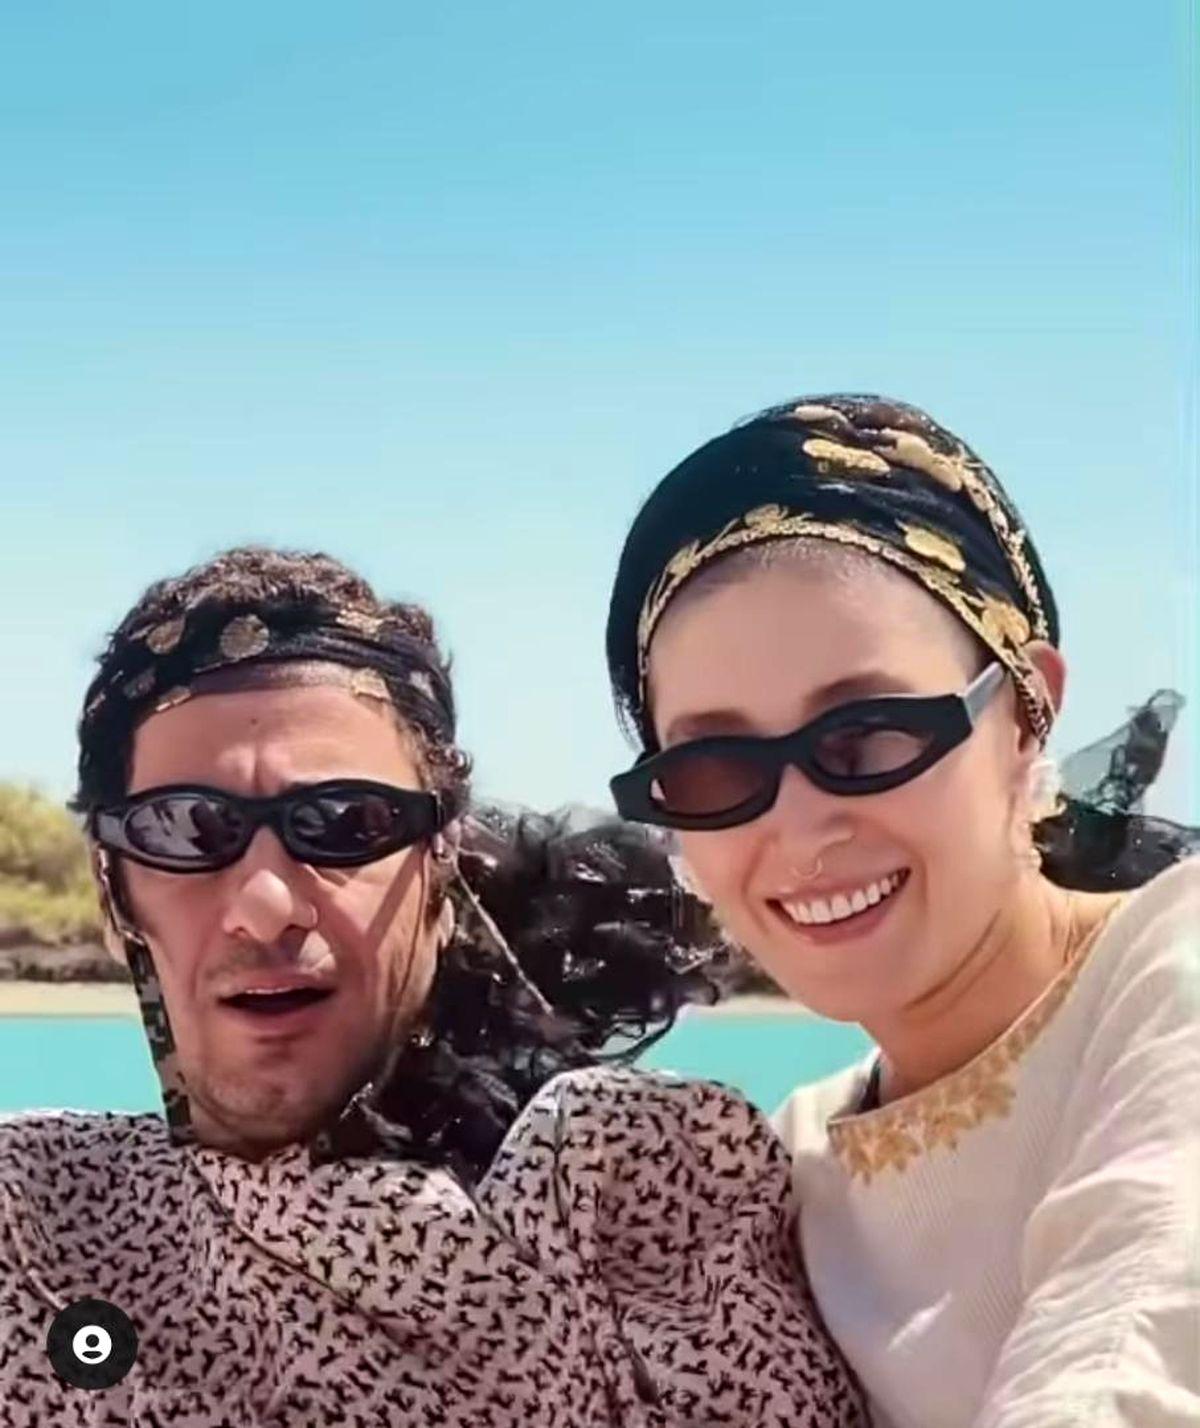 اختلاف سنی باورنکردنی نوید محمدزاده و همسرش فرشته حسینی فاش شد + عکس